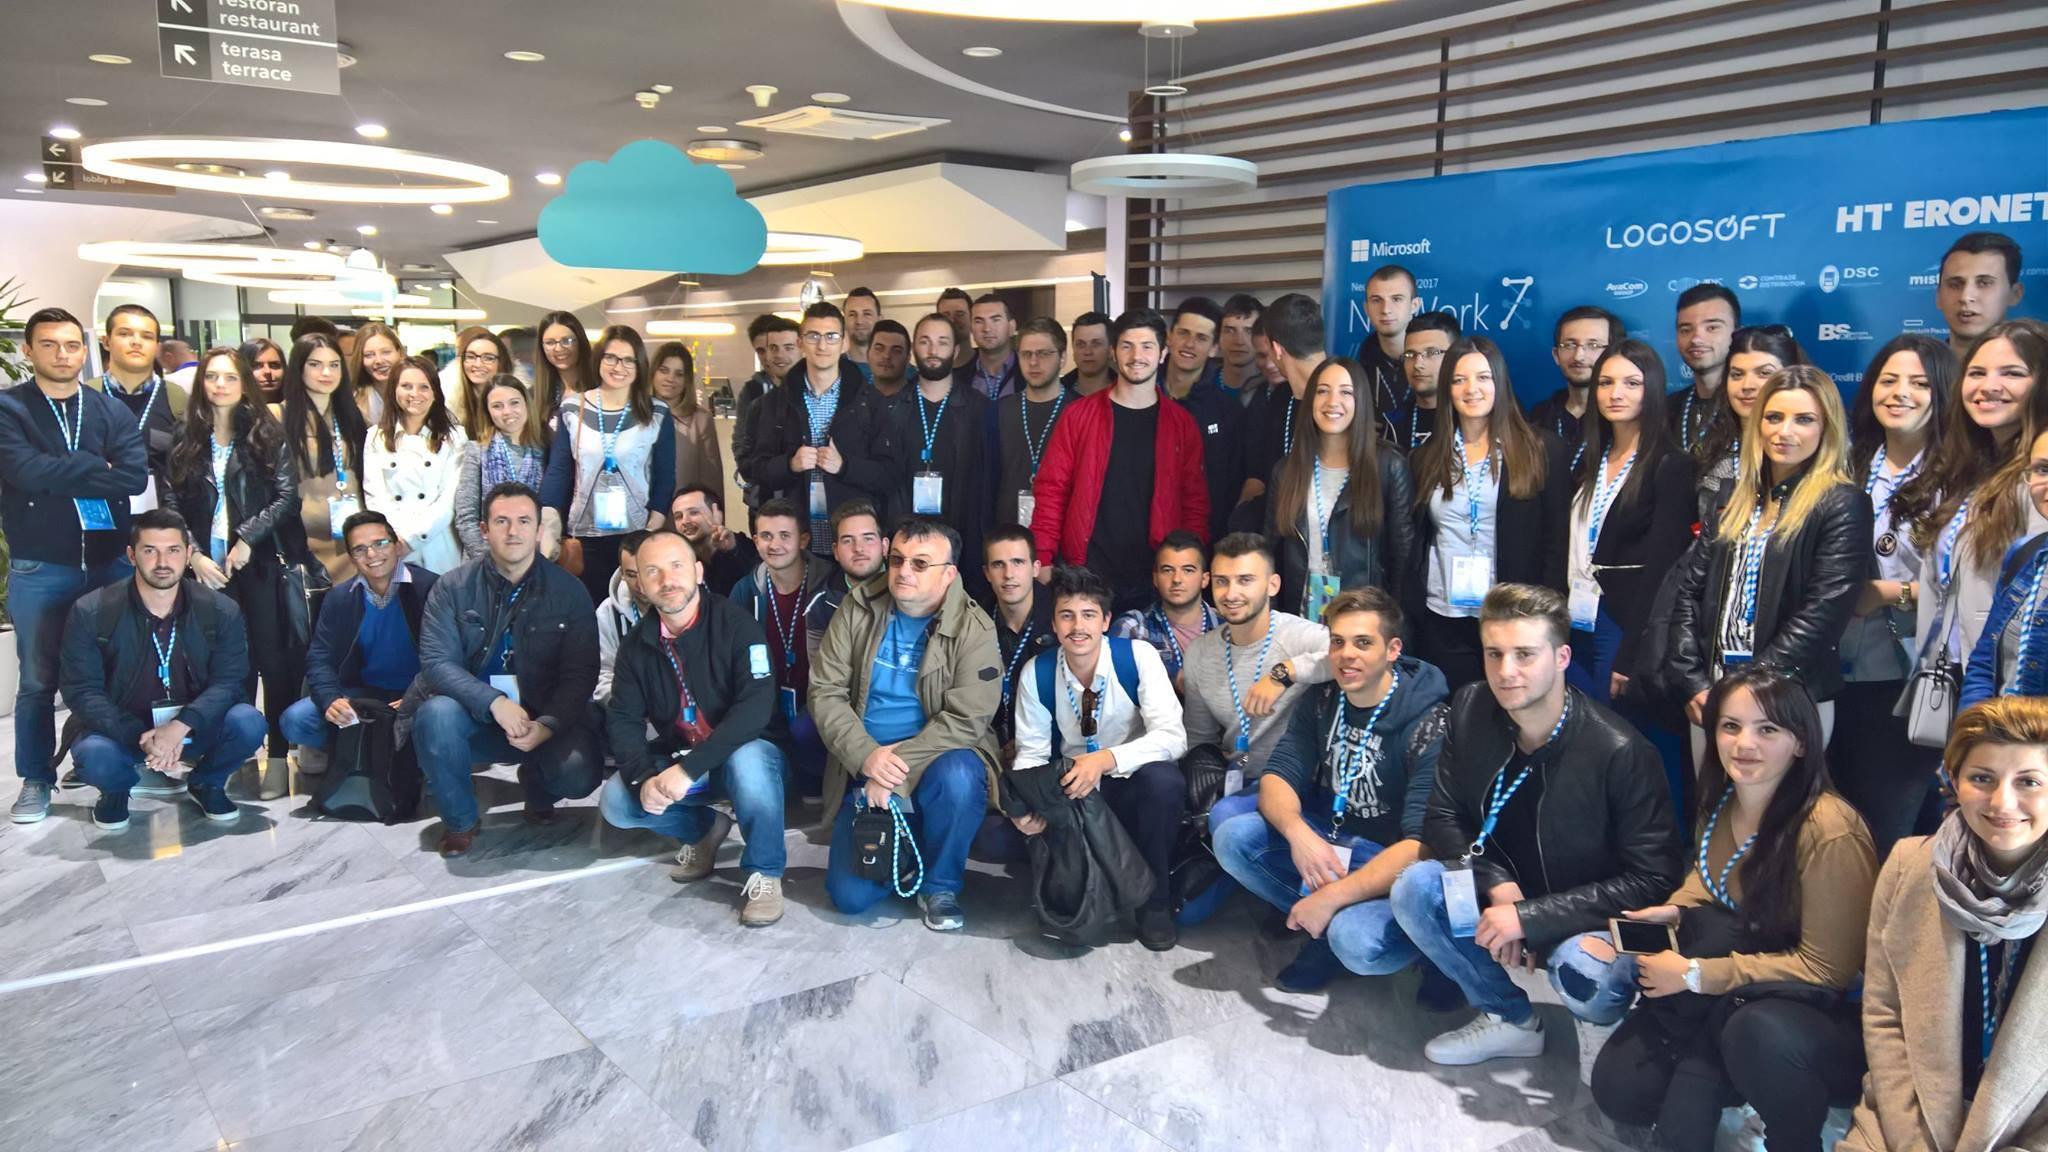 Najbolji studenti Fakulteta informacijskih tehnologija iz Mostara na predavanjima o posljednjim Microsoft tehnologijama